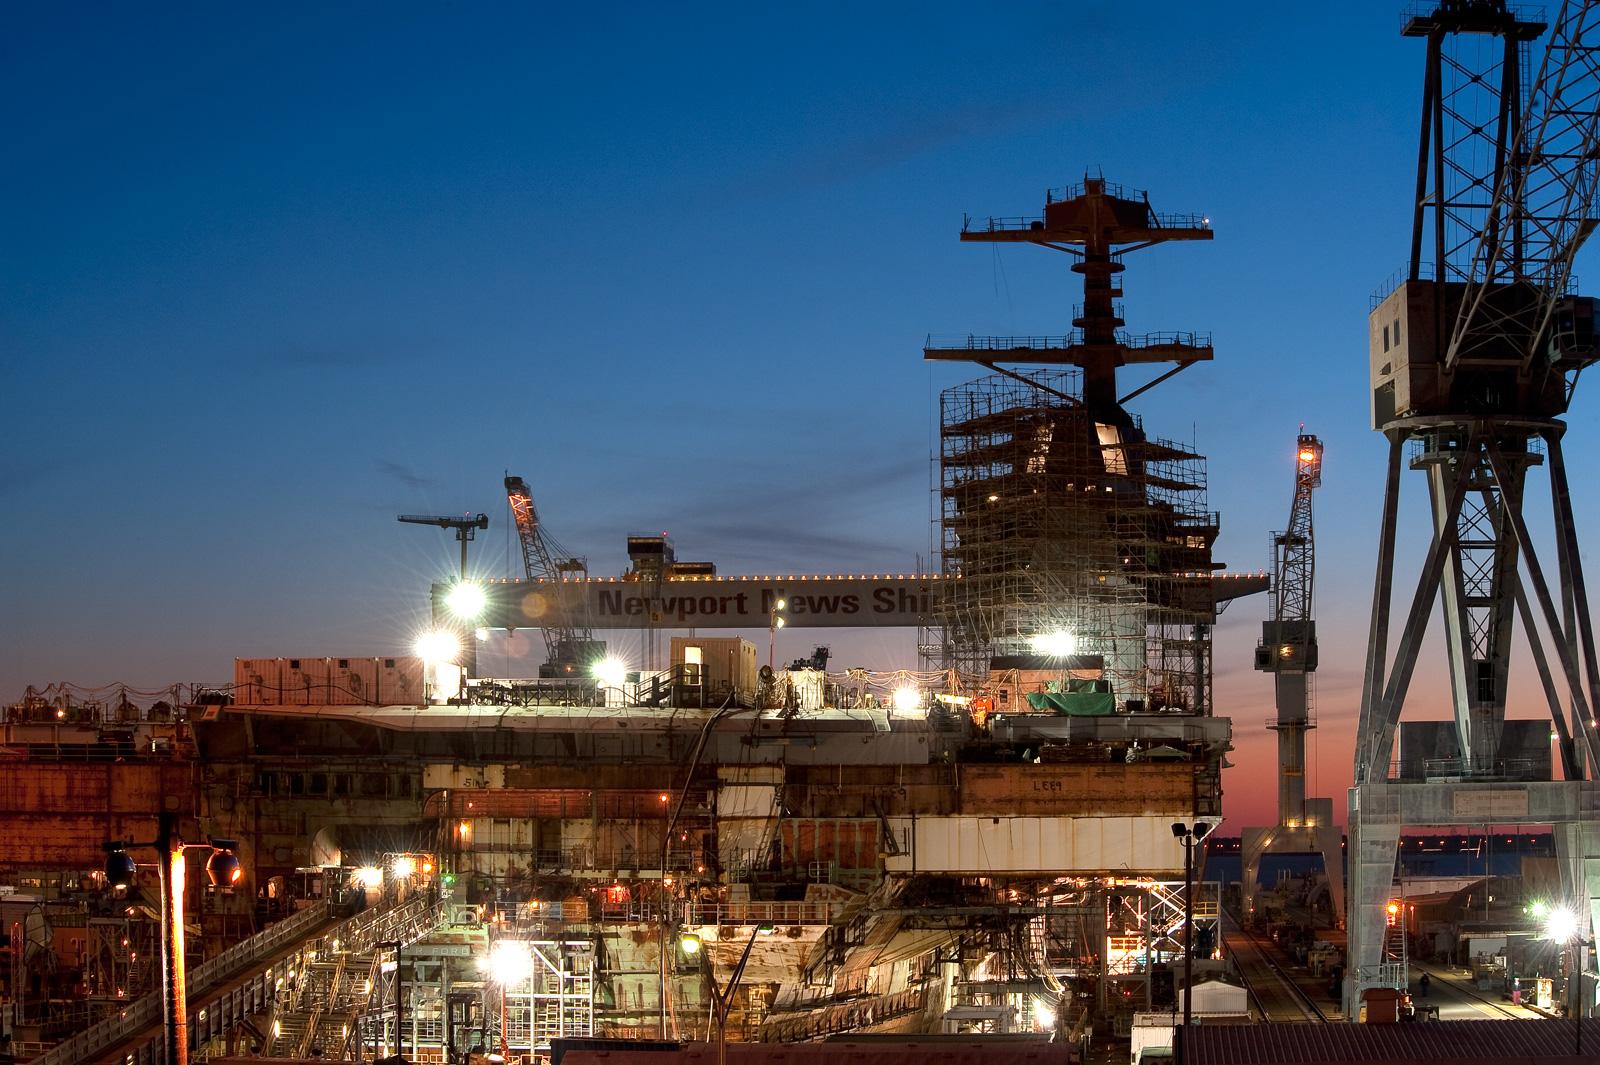 DCS13-167-61 Newport News Shipbuilding file_585458